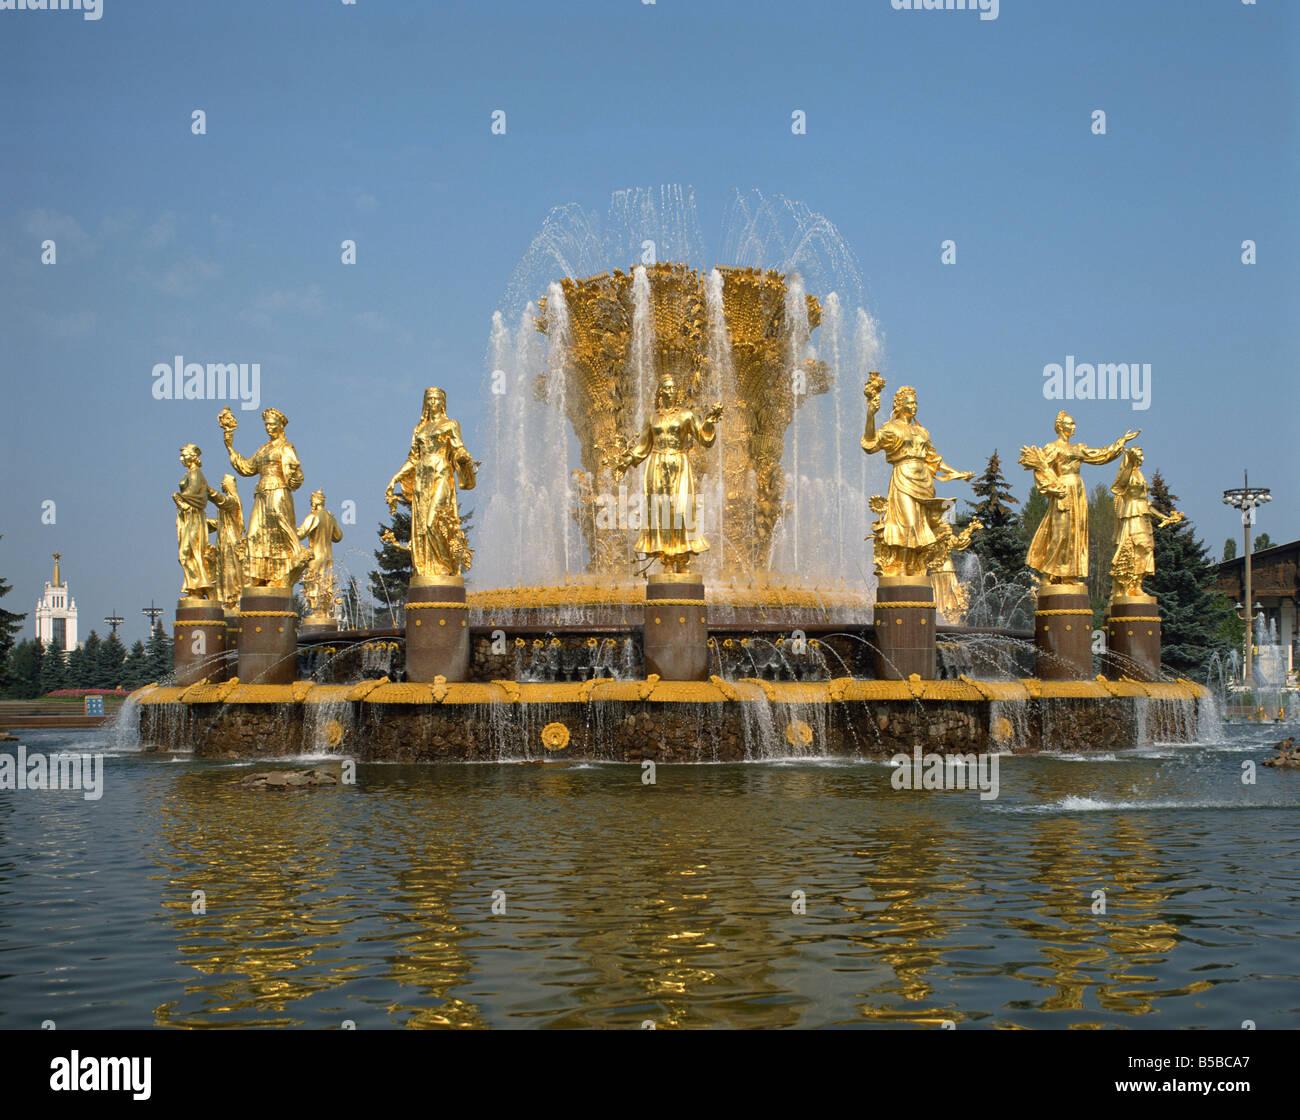 Fontaines, à l'exhibition des réalisations économiques de l'URSS Moscou Russie Europe Photo Stock